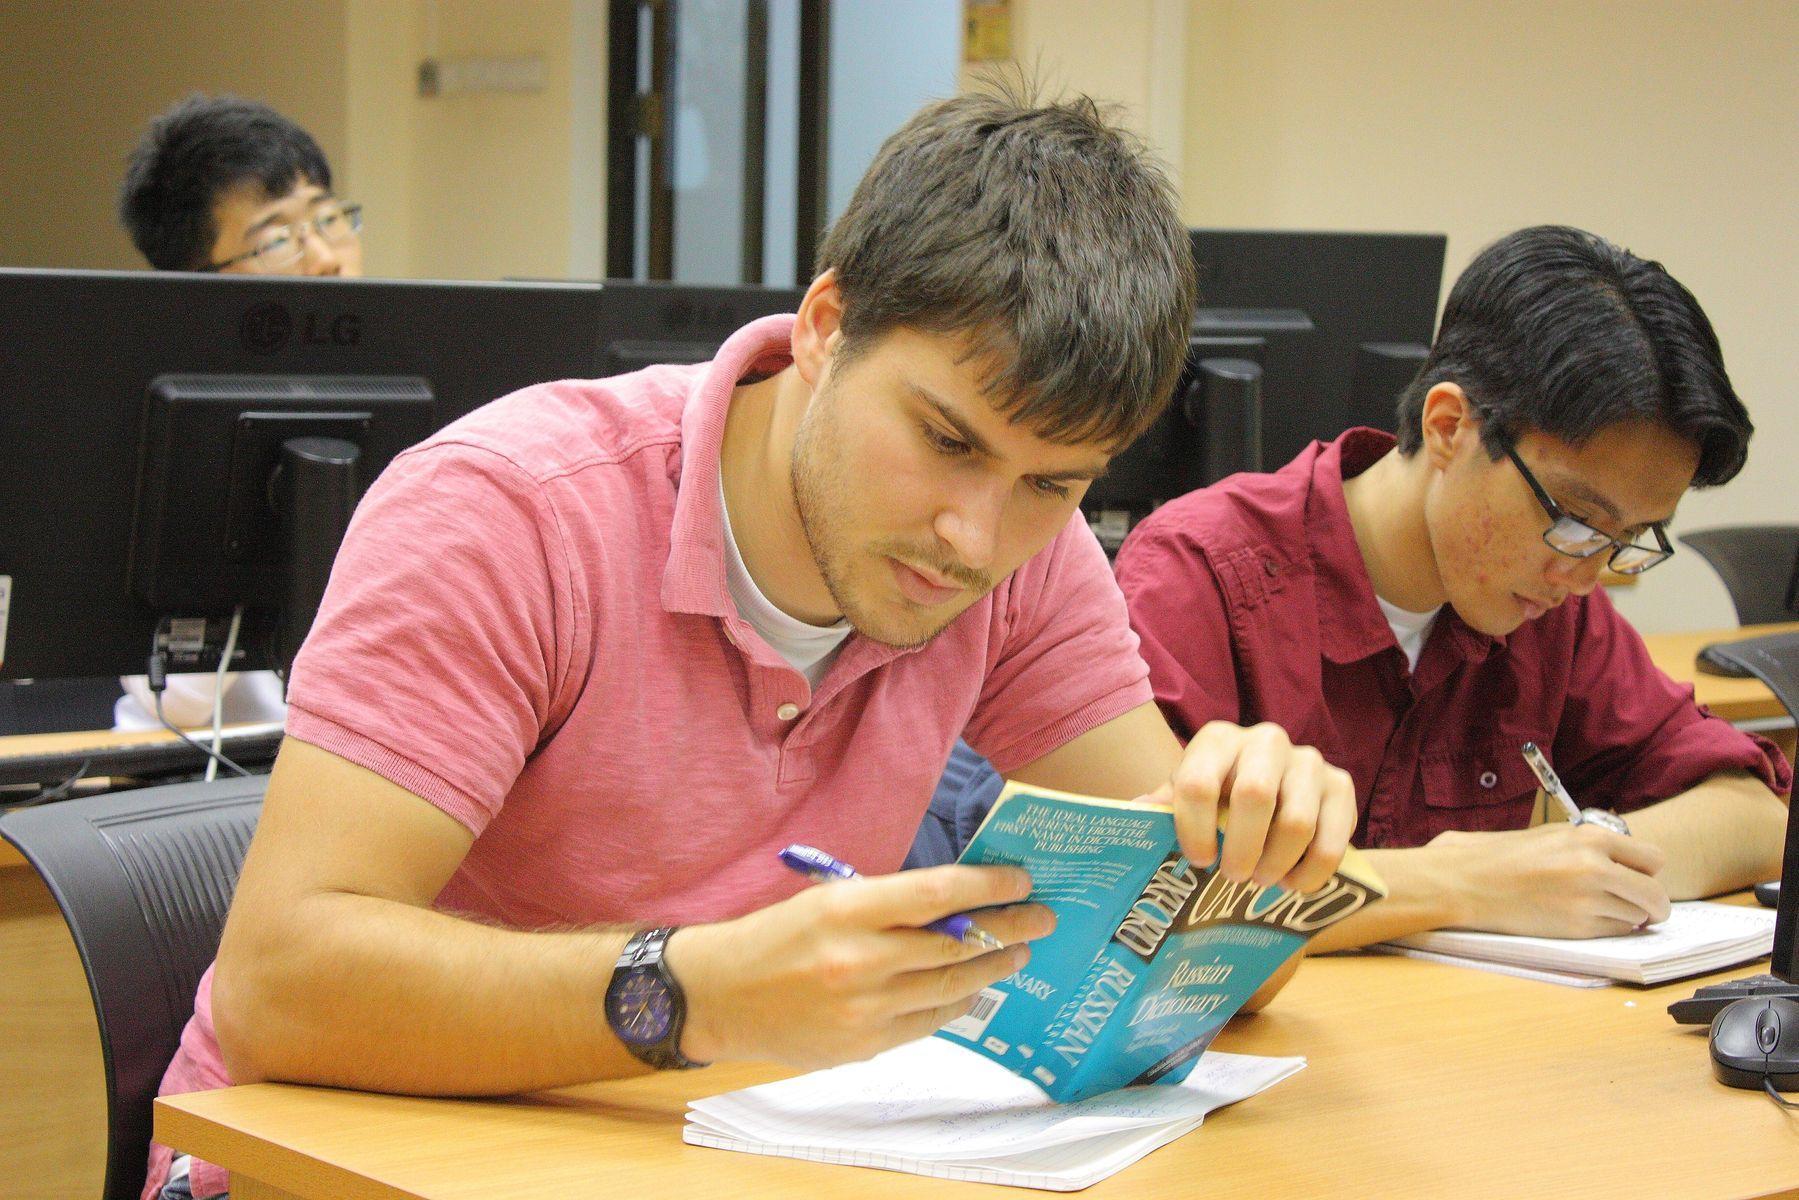 Мультикультурная и мультиязыковая среда ВГУЭС привлекла этим летом студентов из семи стран мира